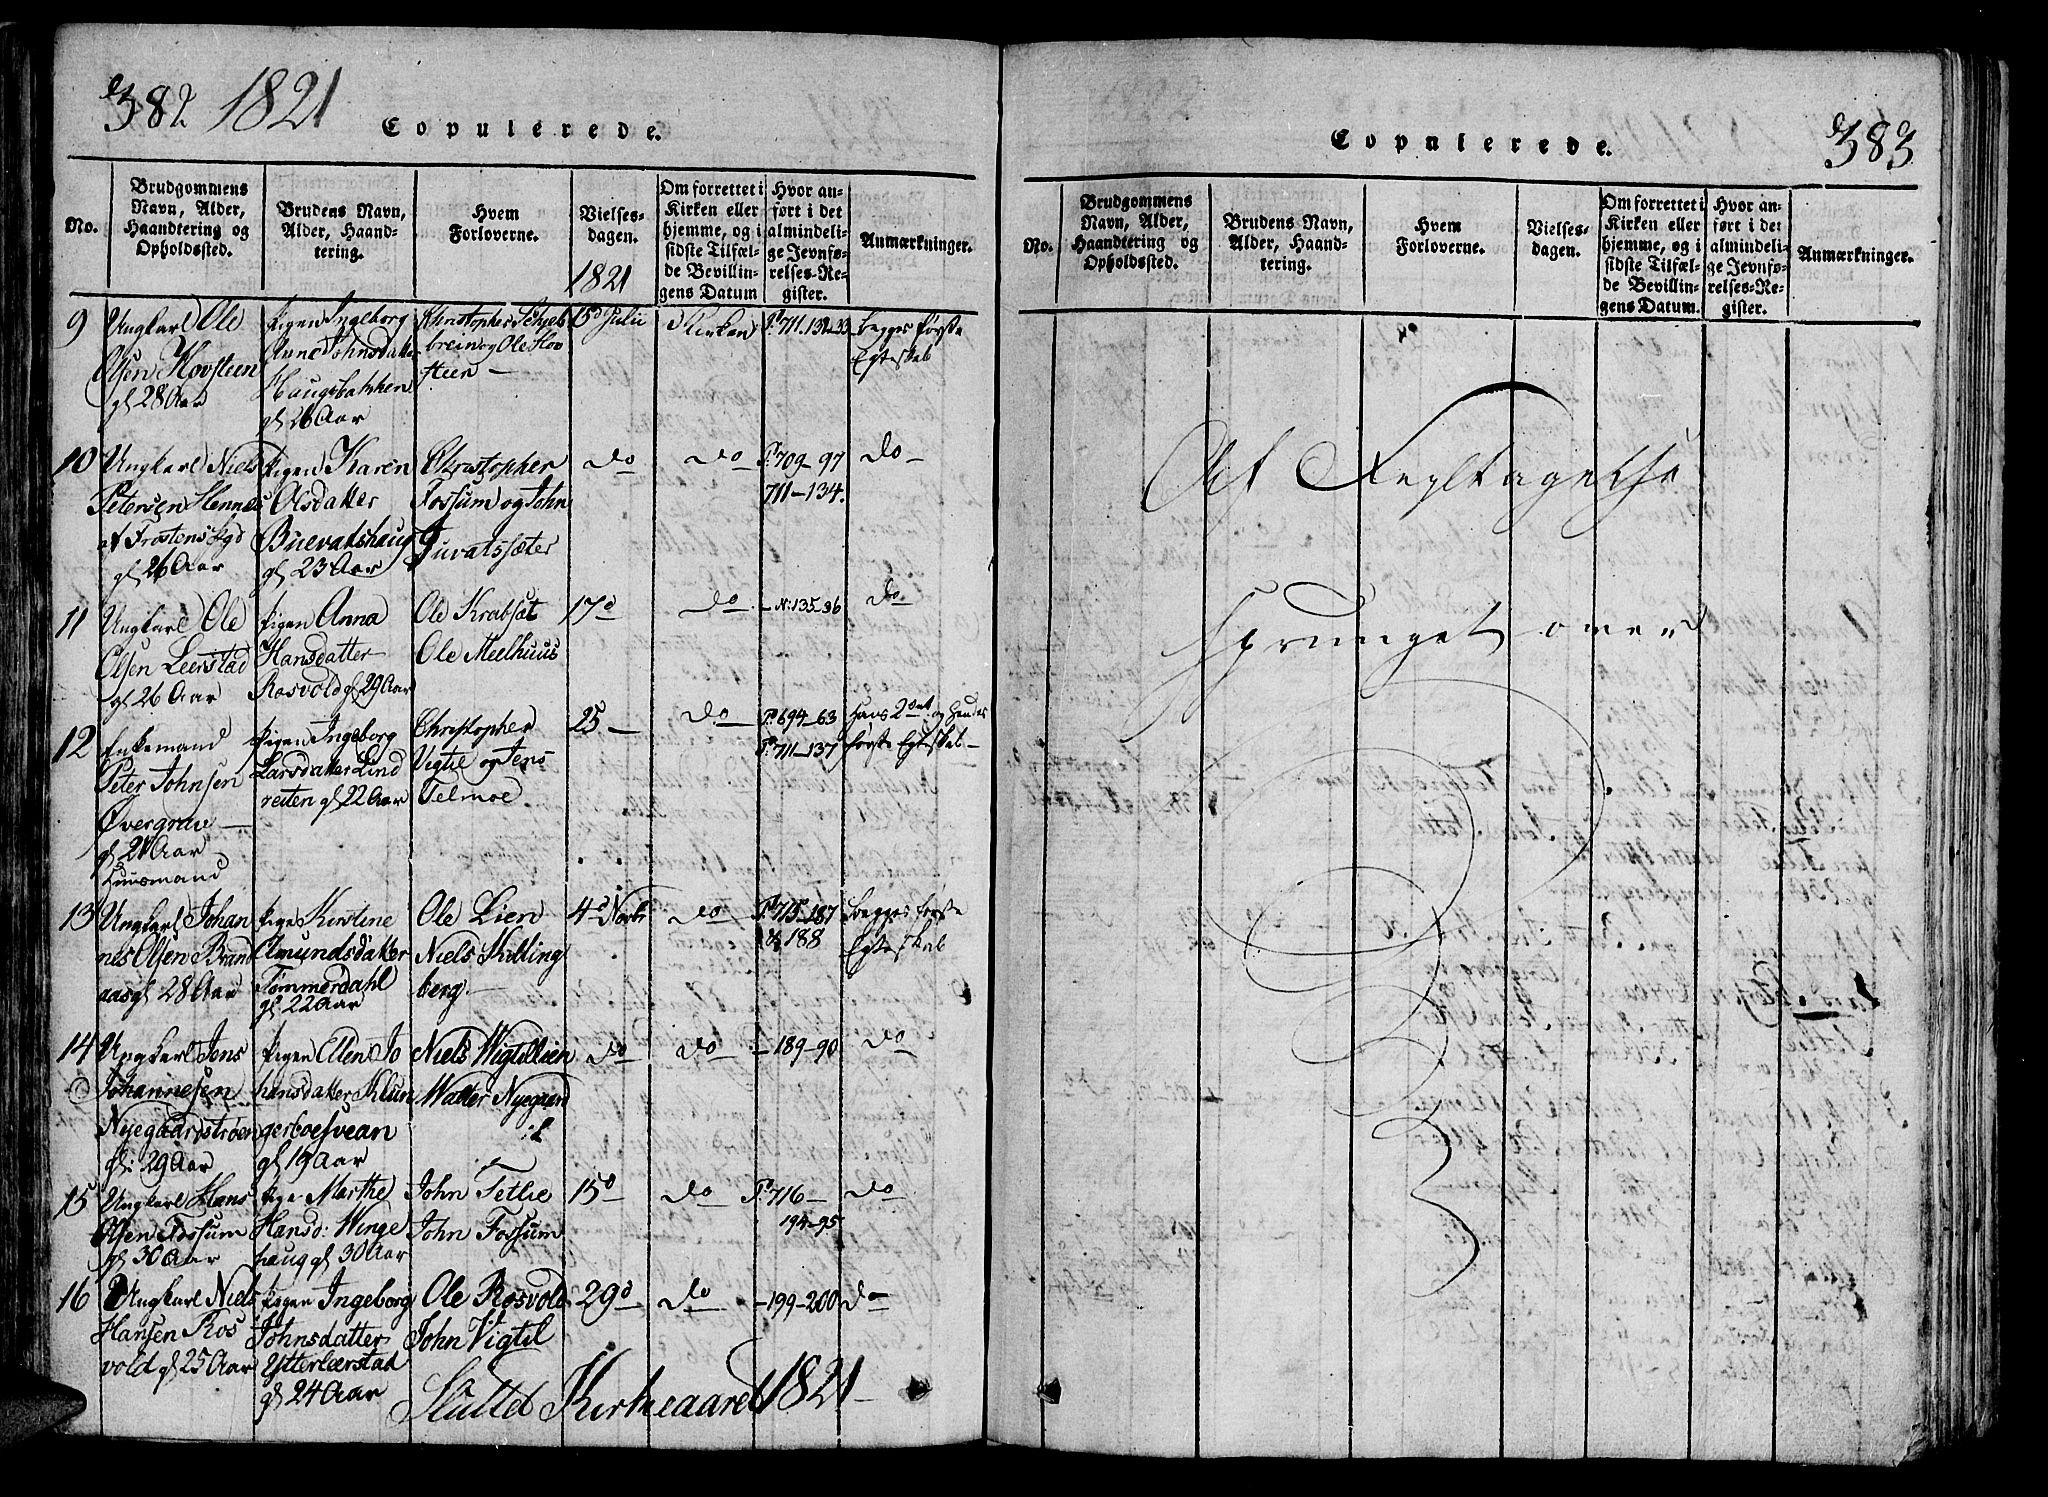 SAT, Ministerialprotokoller, klokkerbøker og fødselsregistre - Nord-Trøndelag, 701/L0005: Ministerialbok nr. 701A05 /1, 1816-1825, s. 382-383